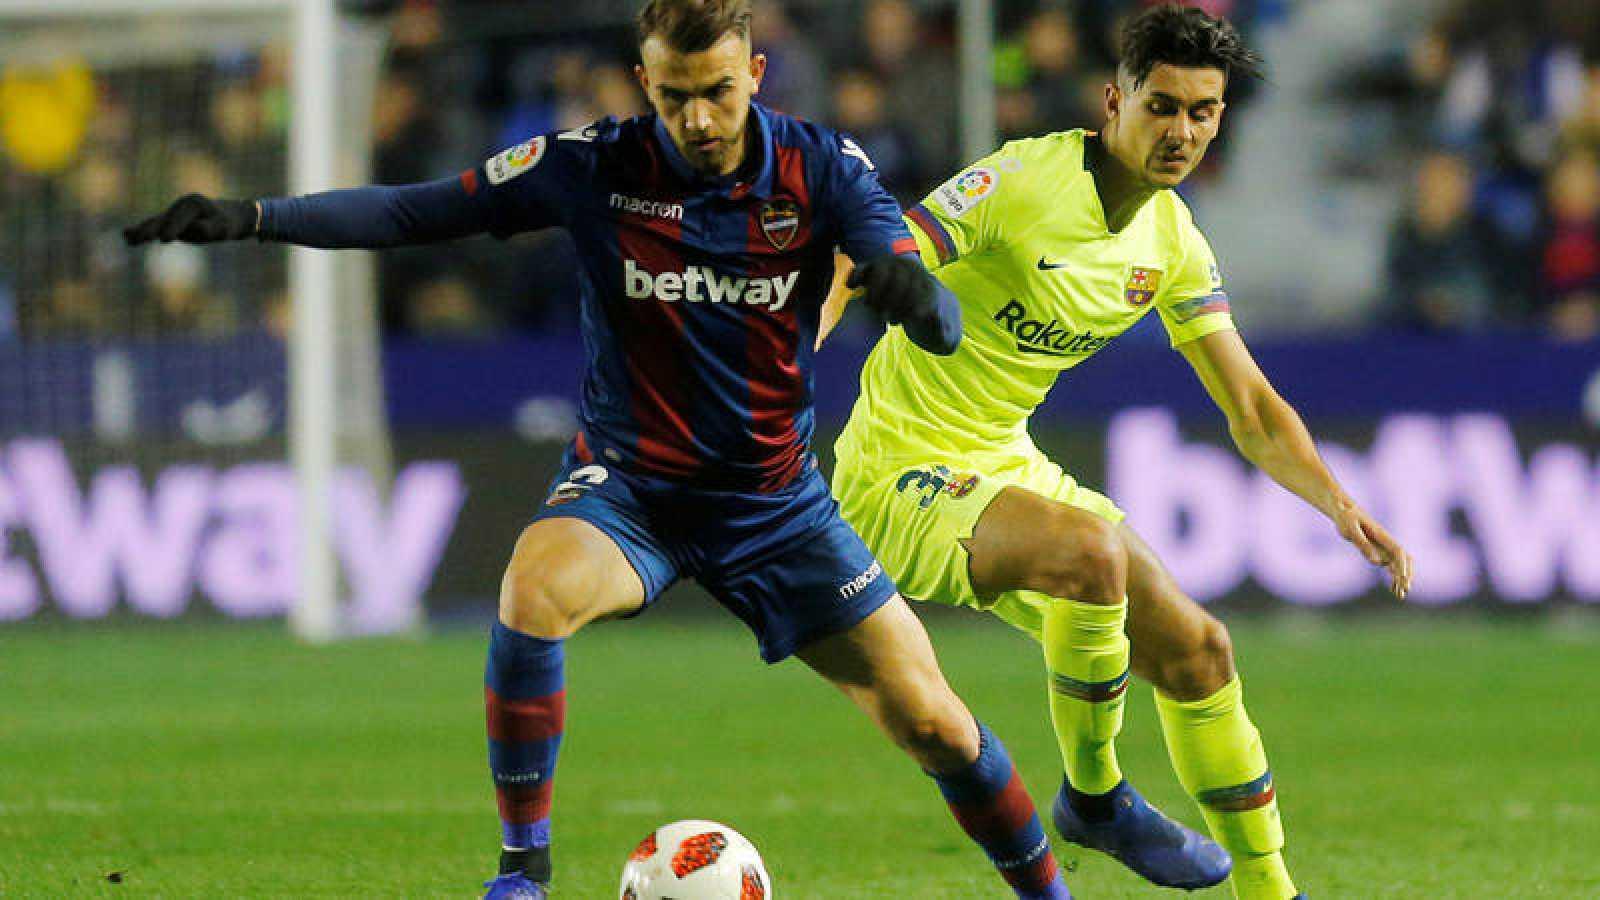 El Comité de Apelación desestima el recurso del Levante por alineación indebida del Barcelona